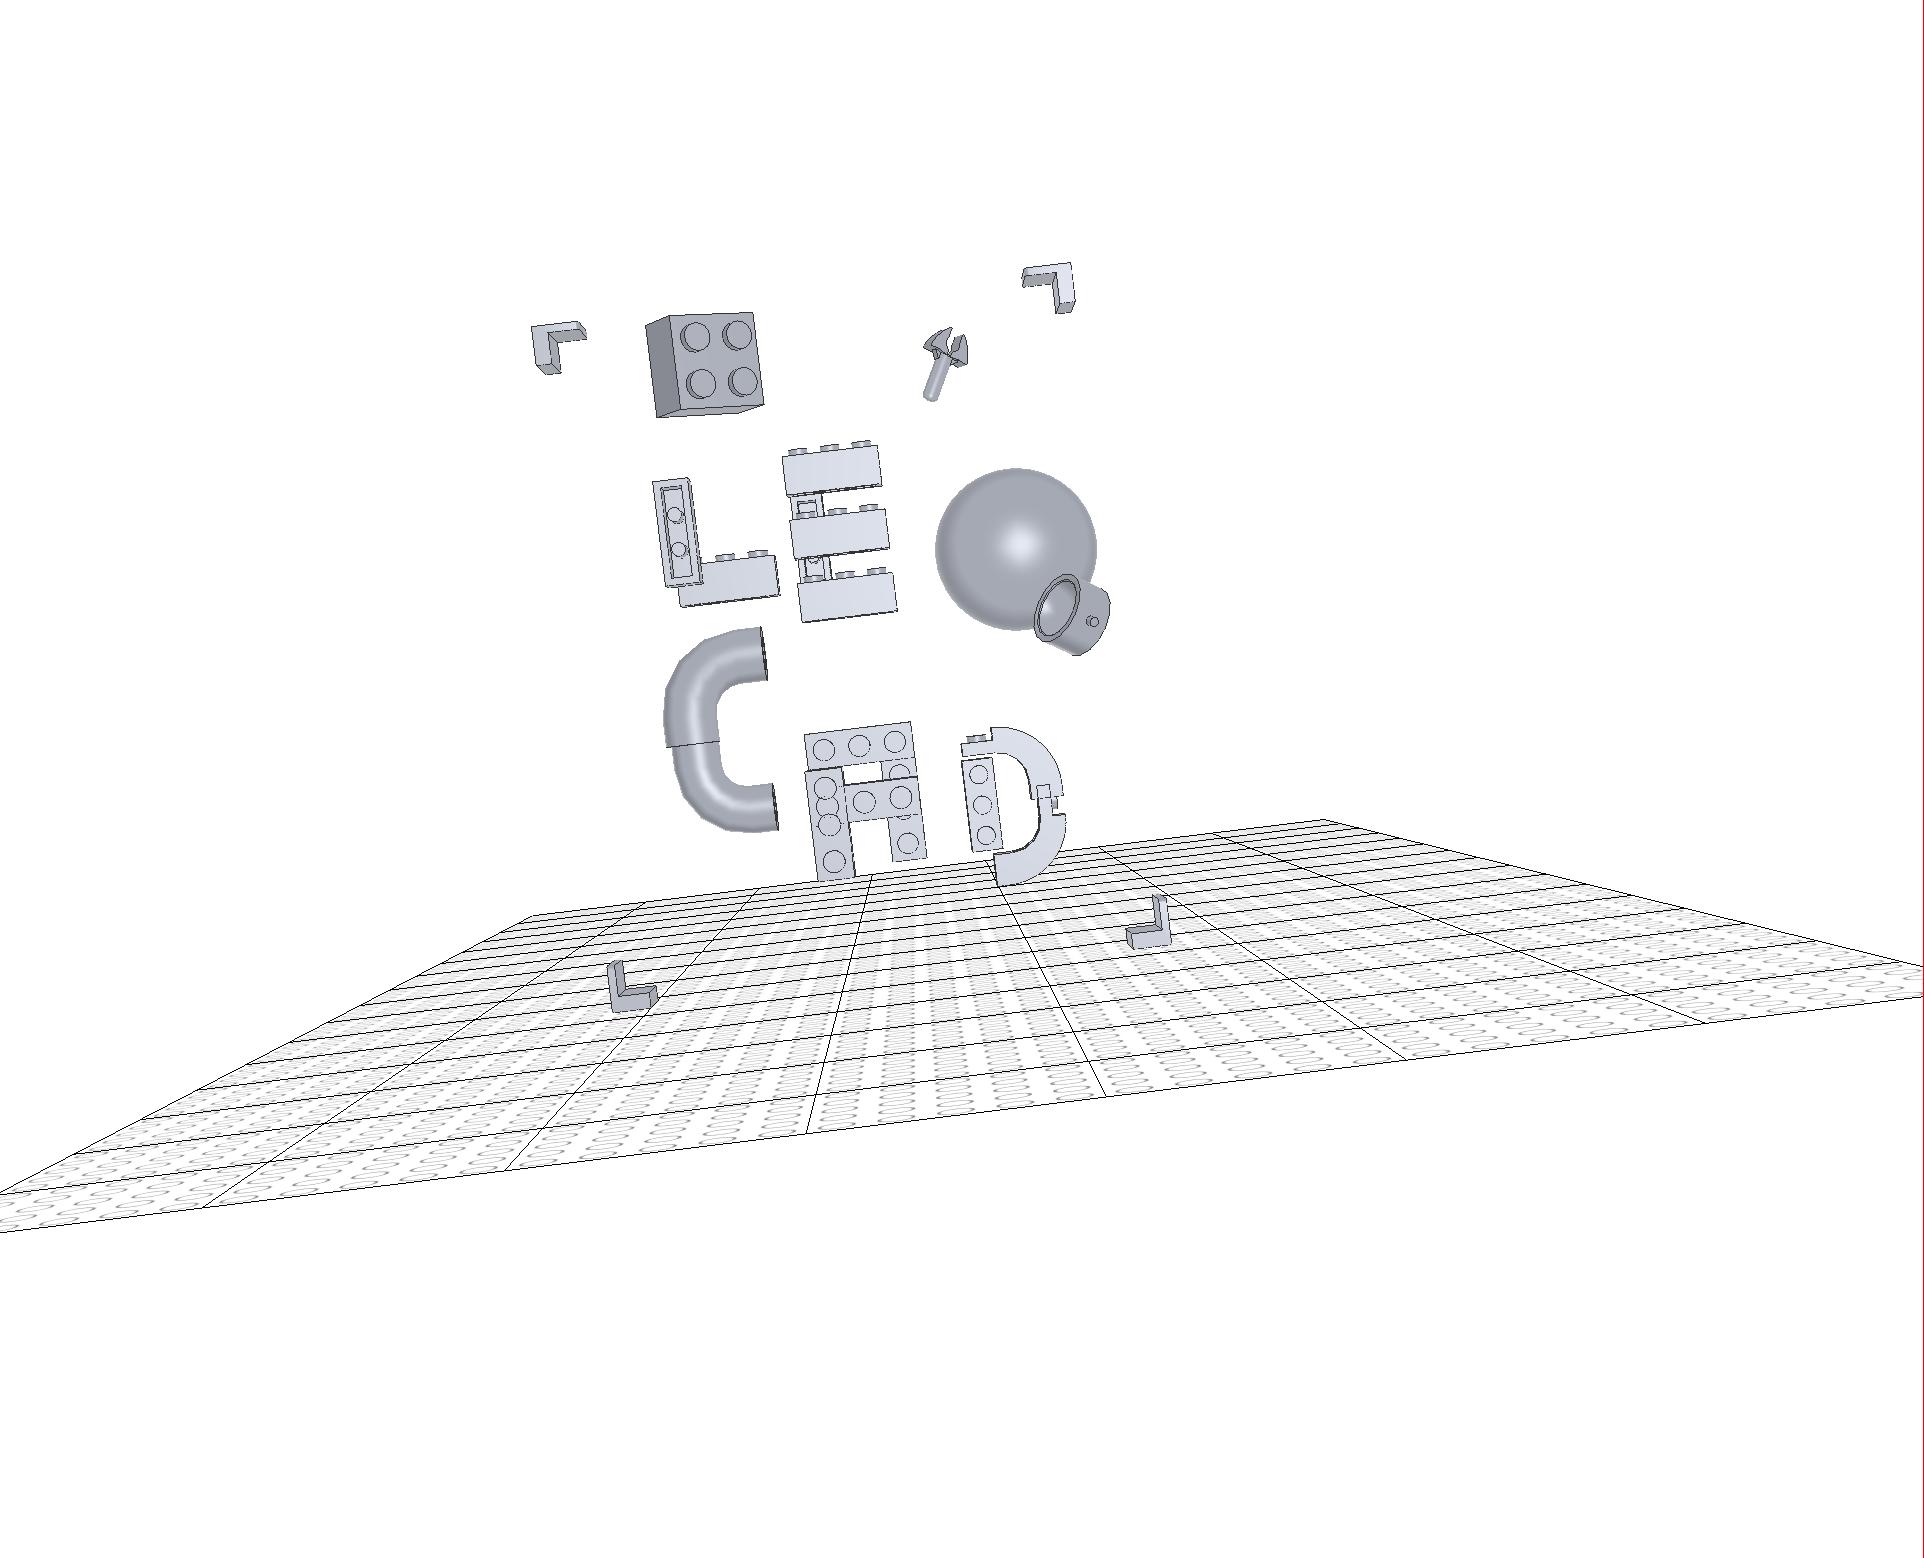 content/Leocadimages/Capture d'écran 2018-03-30 à 13.05.10.png